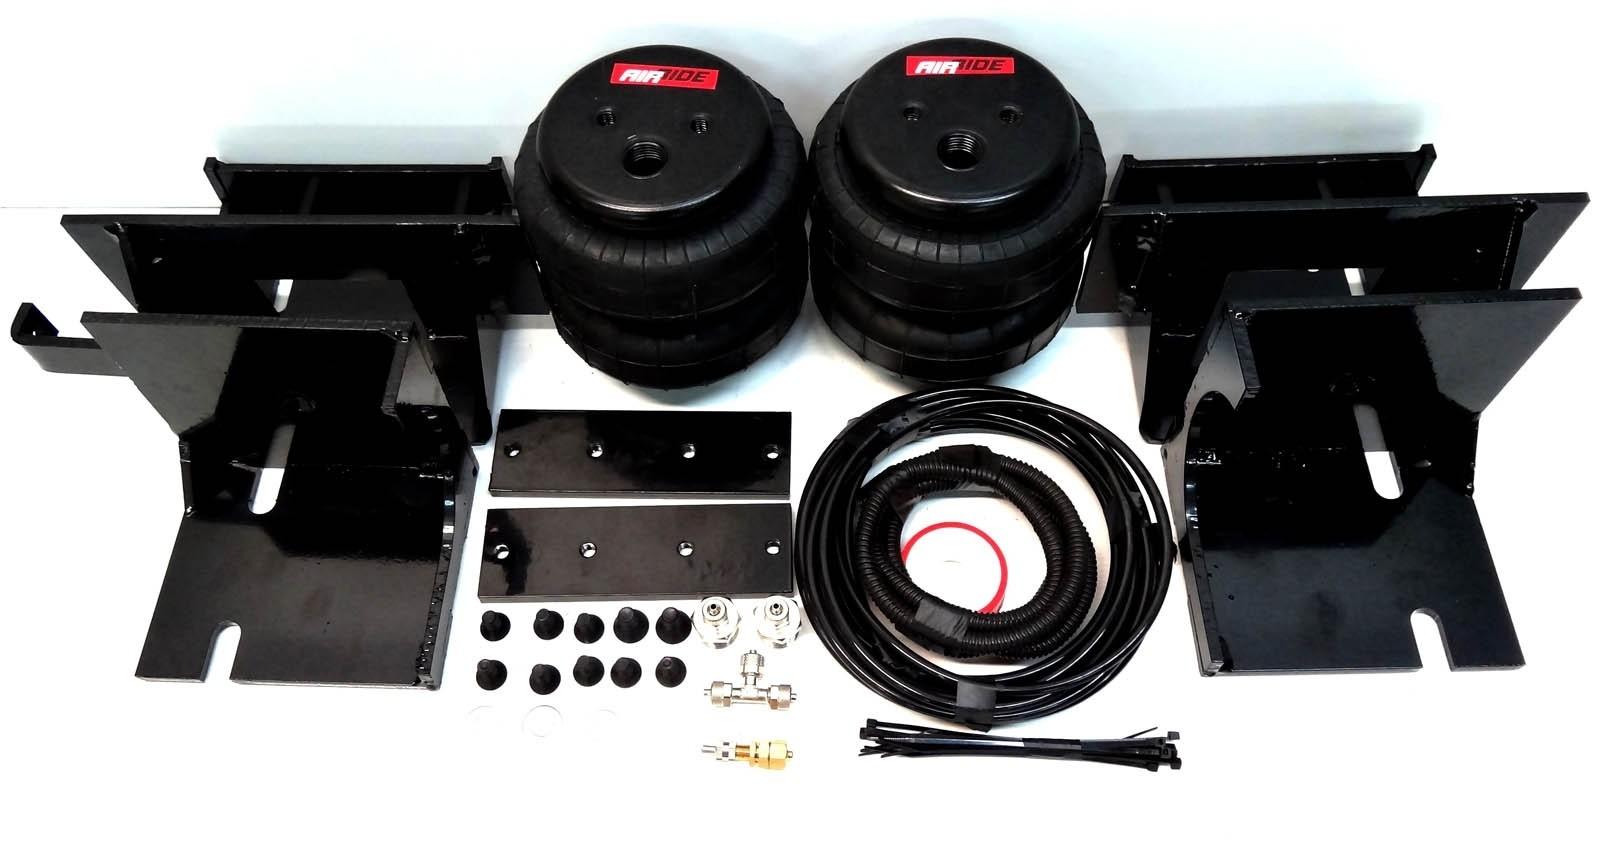 Air-Ride 141020 пневмоподвеска наMercedesSprinter 511/513/515/519/524/528, Volkswagen Crafter 50 (07-) задняя ось